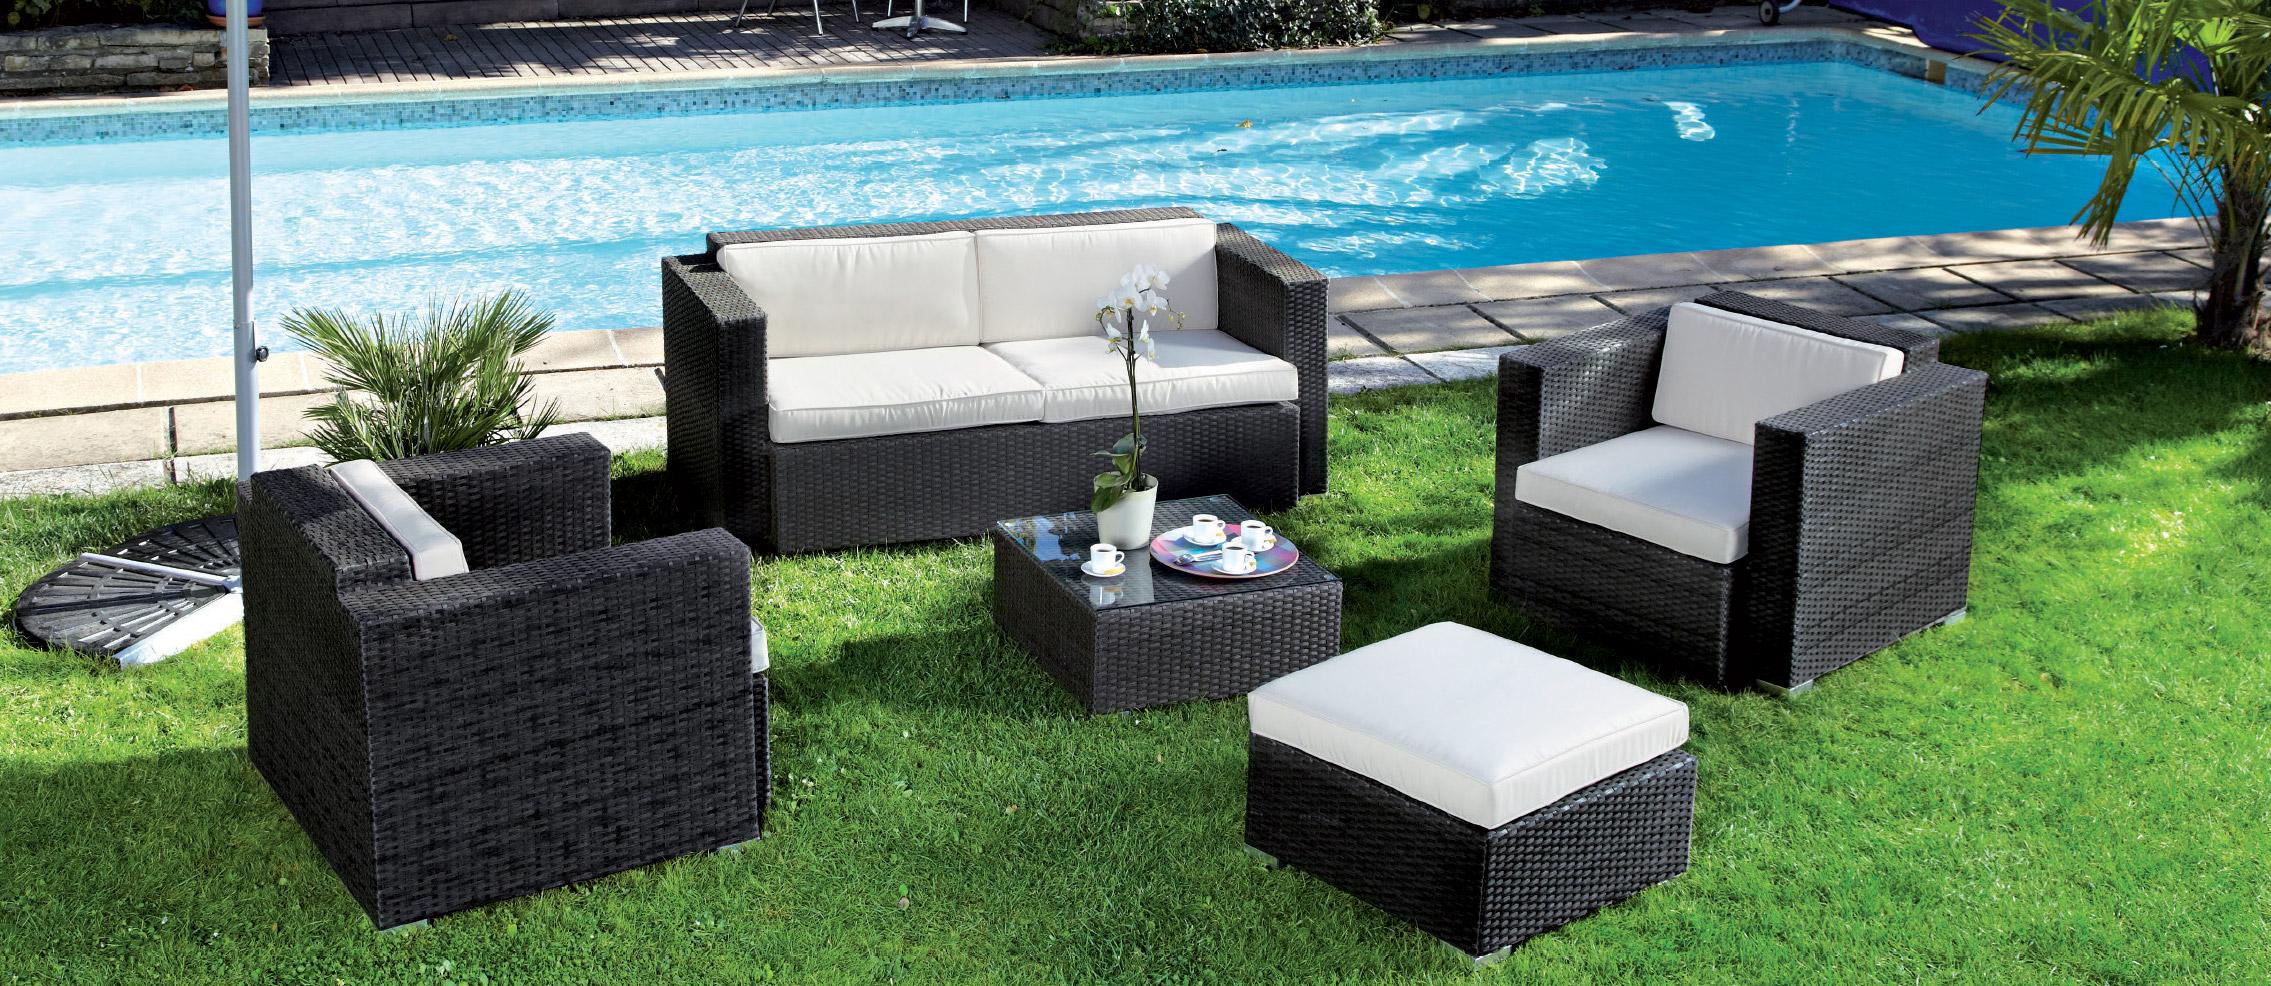 Salon de jardin tout aluminium en solde - Jardin piscine et Cabane